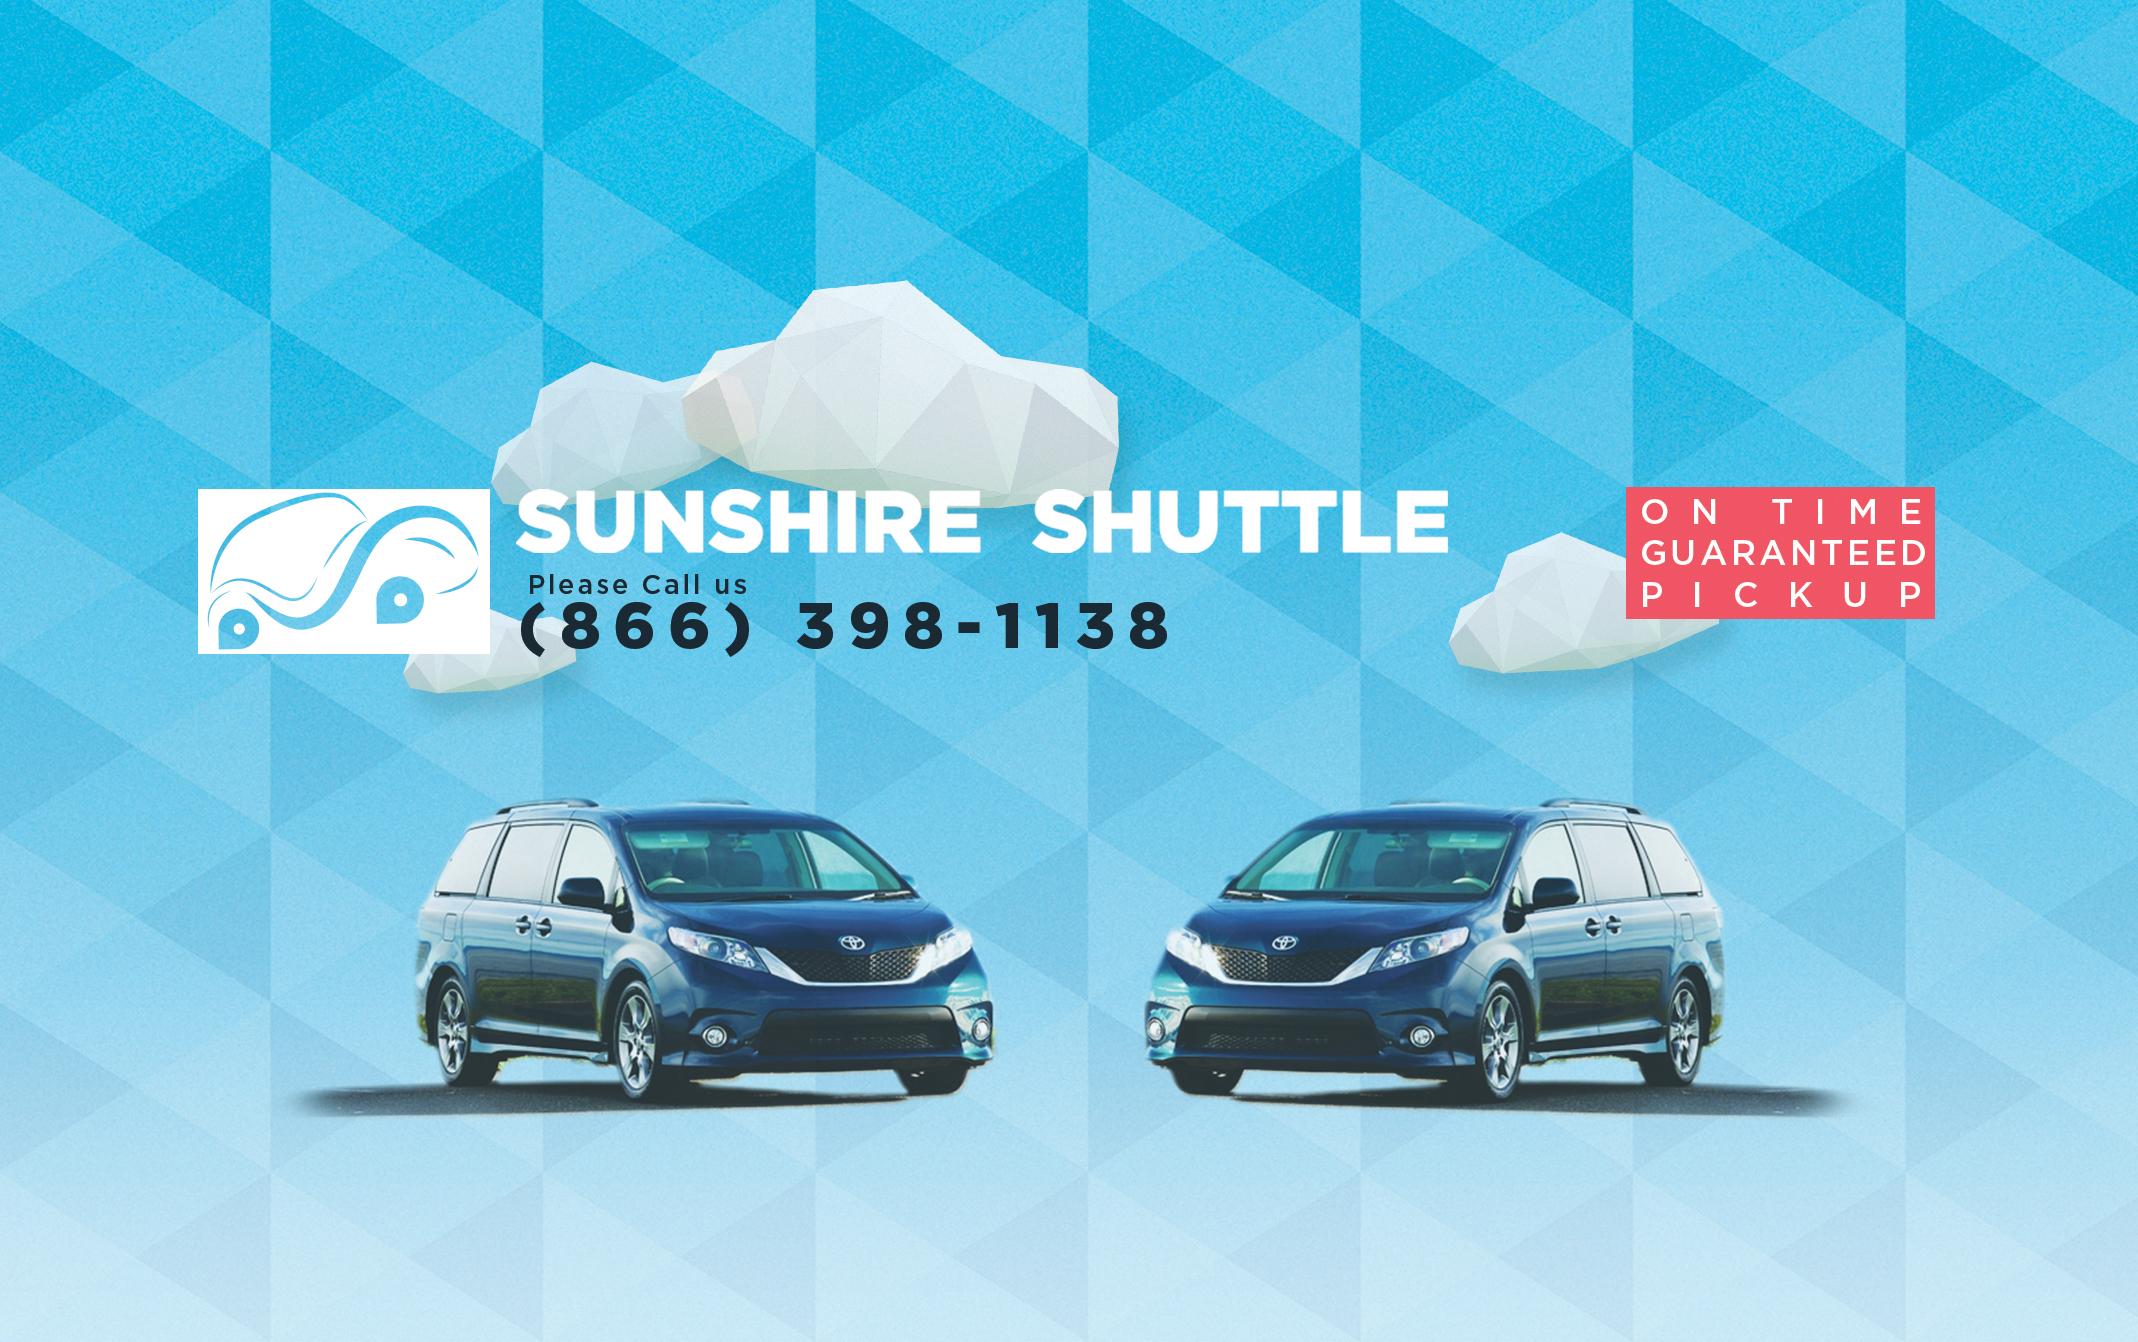 Sunshire Shuttle image 0